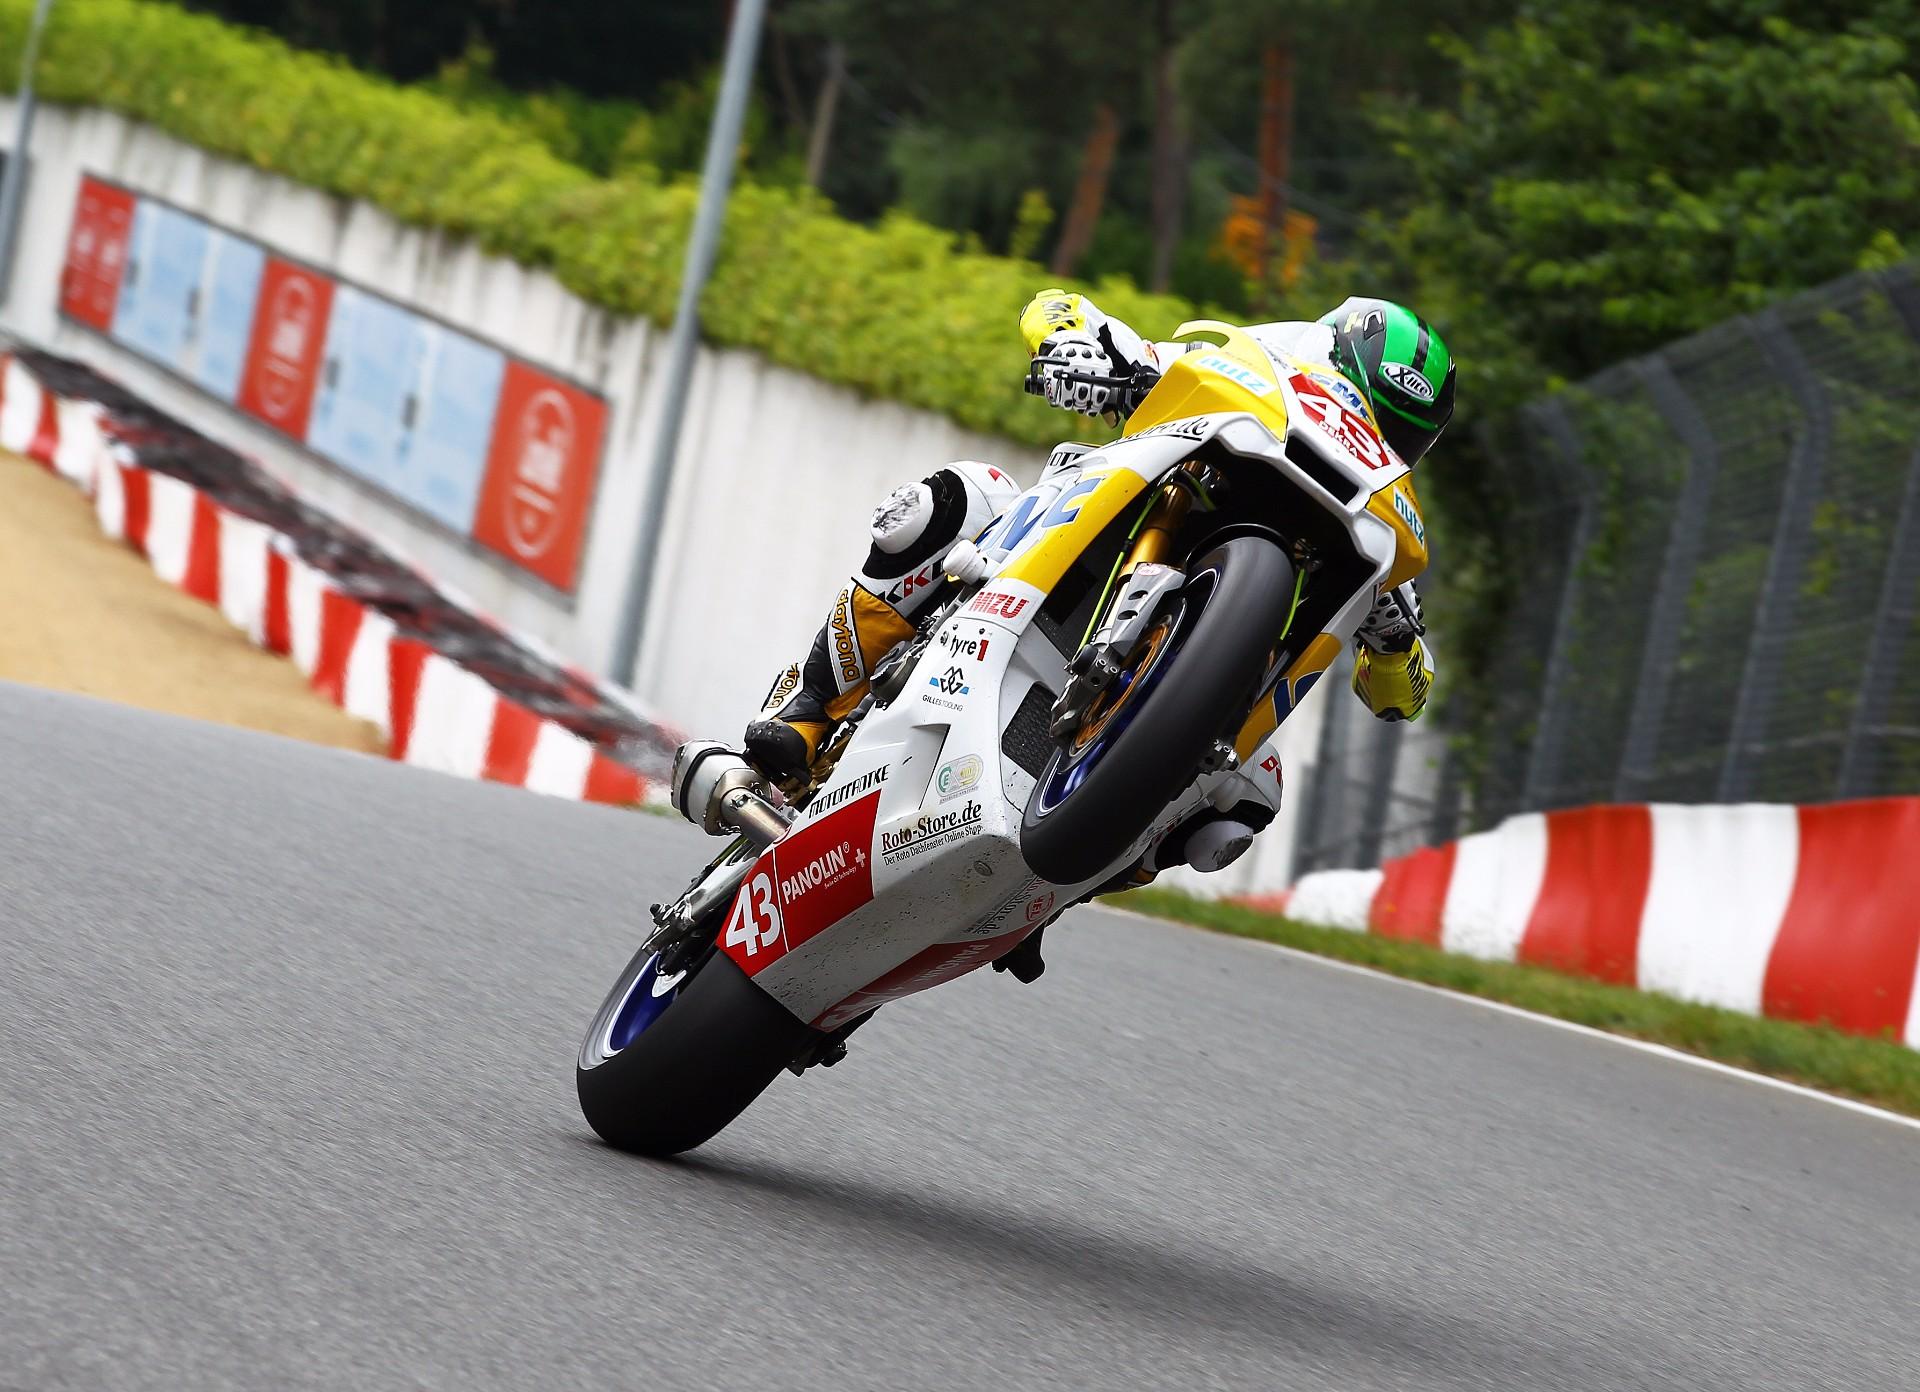 Zolder: Luca Grünwald (Yamaha) – Rennleiter entscheidet über Platz 1!